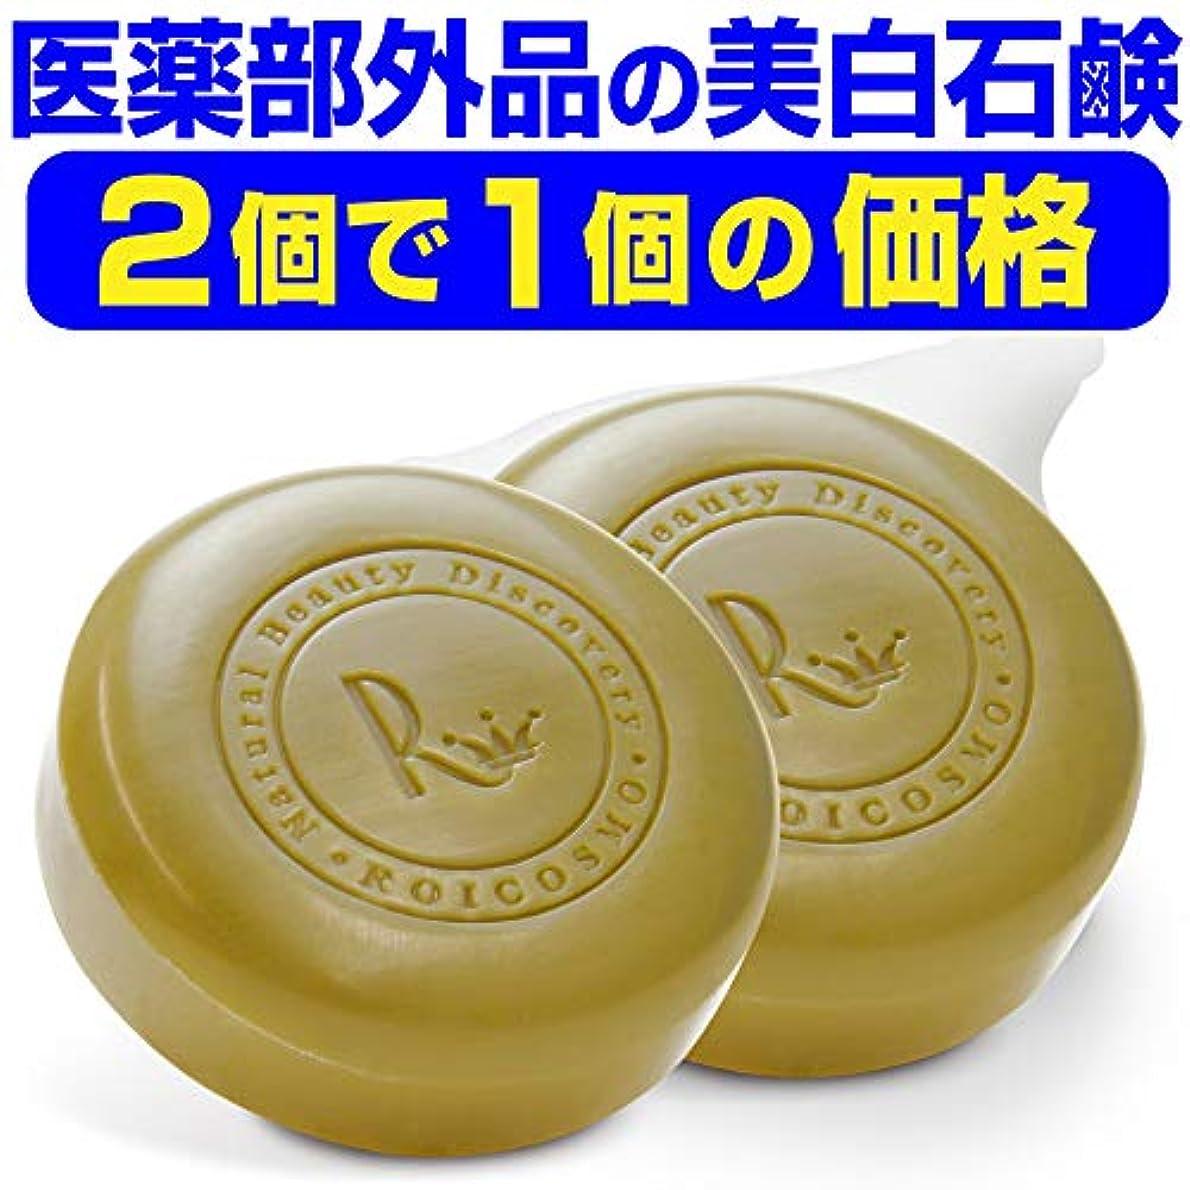 キッチン航空便宇宙飛行士2個で1個の価格(実質50%OFF) ビタミンC270倍の美白成分配合『ホワイトソープ100g×2個で1個の価格』